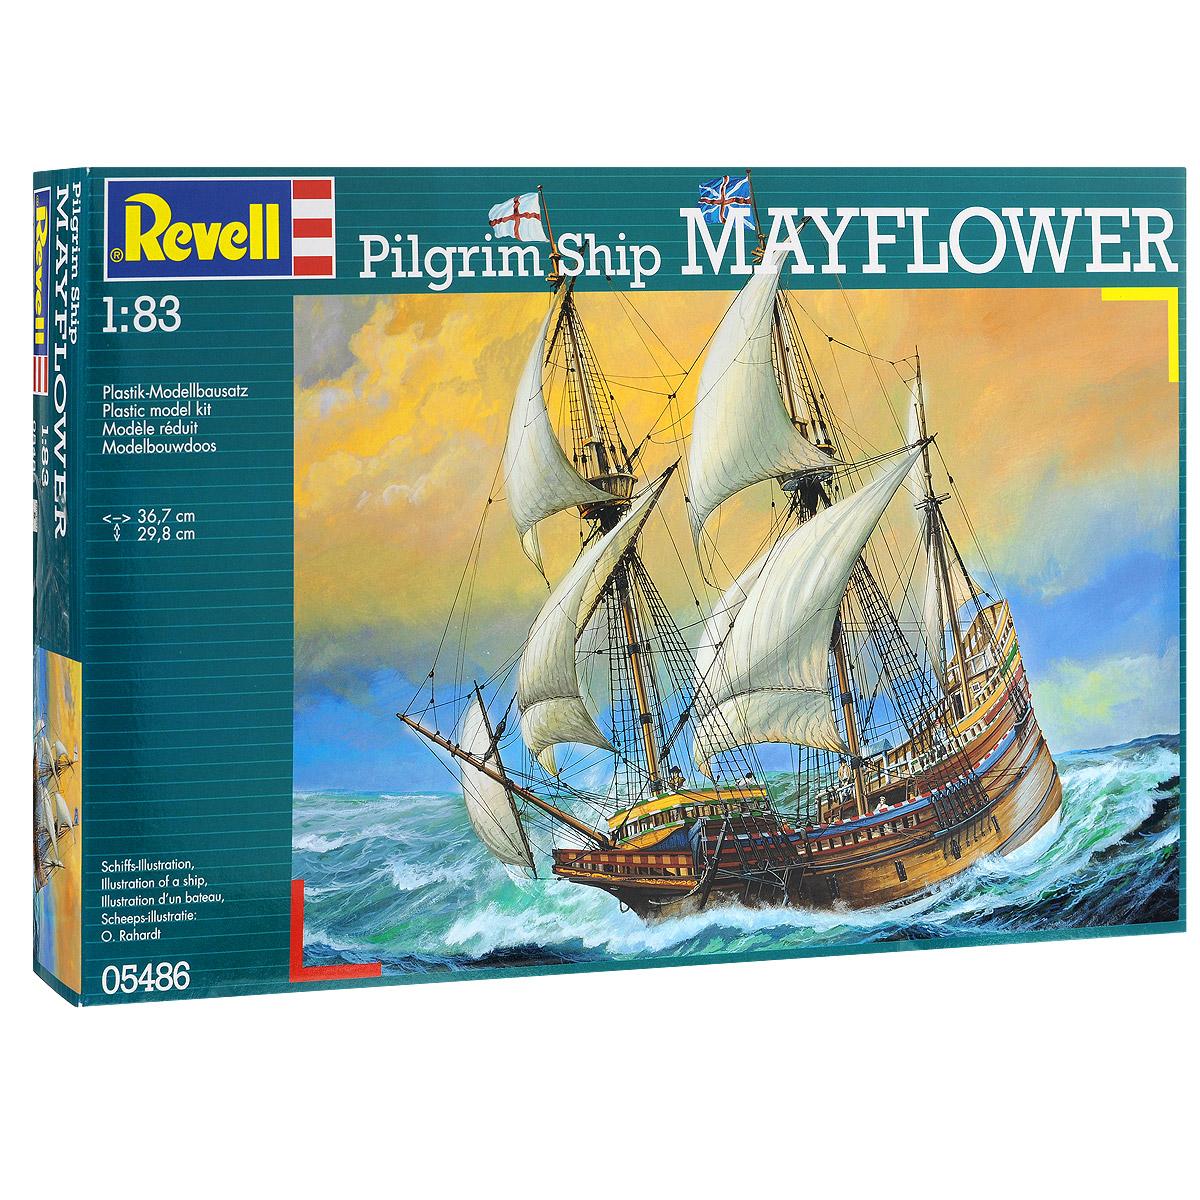 Сборная модель Revell Корабль Mayflower05486Сборная модель Revell Корабль Mayflower поможет вам и вашему ребенку придумать увлекательное занятие на долгое время. Набор включает в себя 369 пластиковых элементов, из которых можно собрать достоверную уменьшенную копию одноименного корабля. Шестого сентября 1620 года на борту этого торгового корабля из Англии к берегам Северной Америки отправился отряд пилигримов. Через 67 дней переселенцы основали первую колонию на берегу американского Плимута. На корабле лидерами пилигримов Уильямом Брюстерем и Уильямом Брэдфордом было подписано Мейфлауэрское соглашение, ставшее руководством для Плимутской колонии. Также в наборе схематичная инструкция по сборке. Процесс сборки развивает интеллектуальные и инструментальные способности, воображение и конструктивное мышление, а также прививает практические навыки работы со схемами и чертежами. Уровень сложности: 5. УВАЖАЕМЫЕ КЛИЕНТЫ! Обращаем ваше внимание на тот факт, что элементы для сборки не...